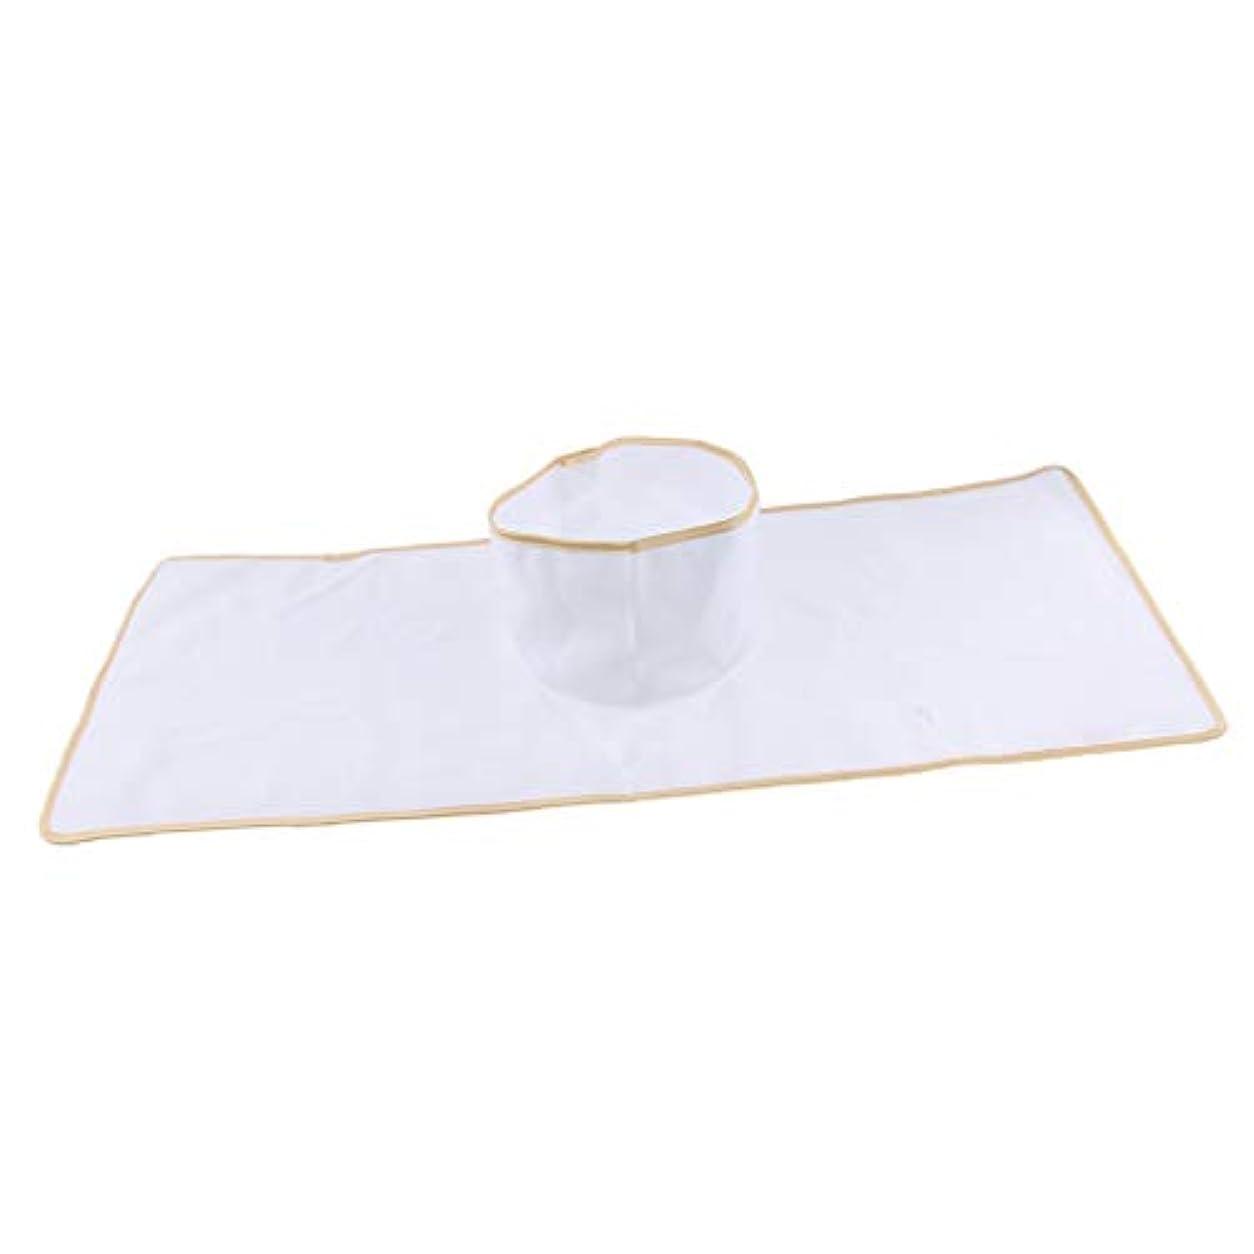 尽きる引き金追い越すD DOLITY サロン マッサージベッドシート 穴付き 衛生パッド 再使用可能 約90×35cm 全3色 - 白